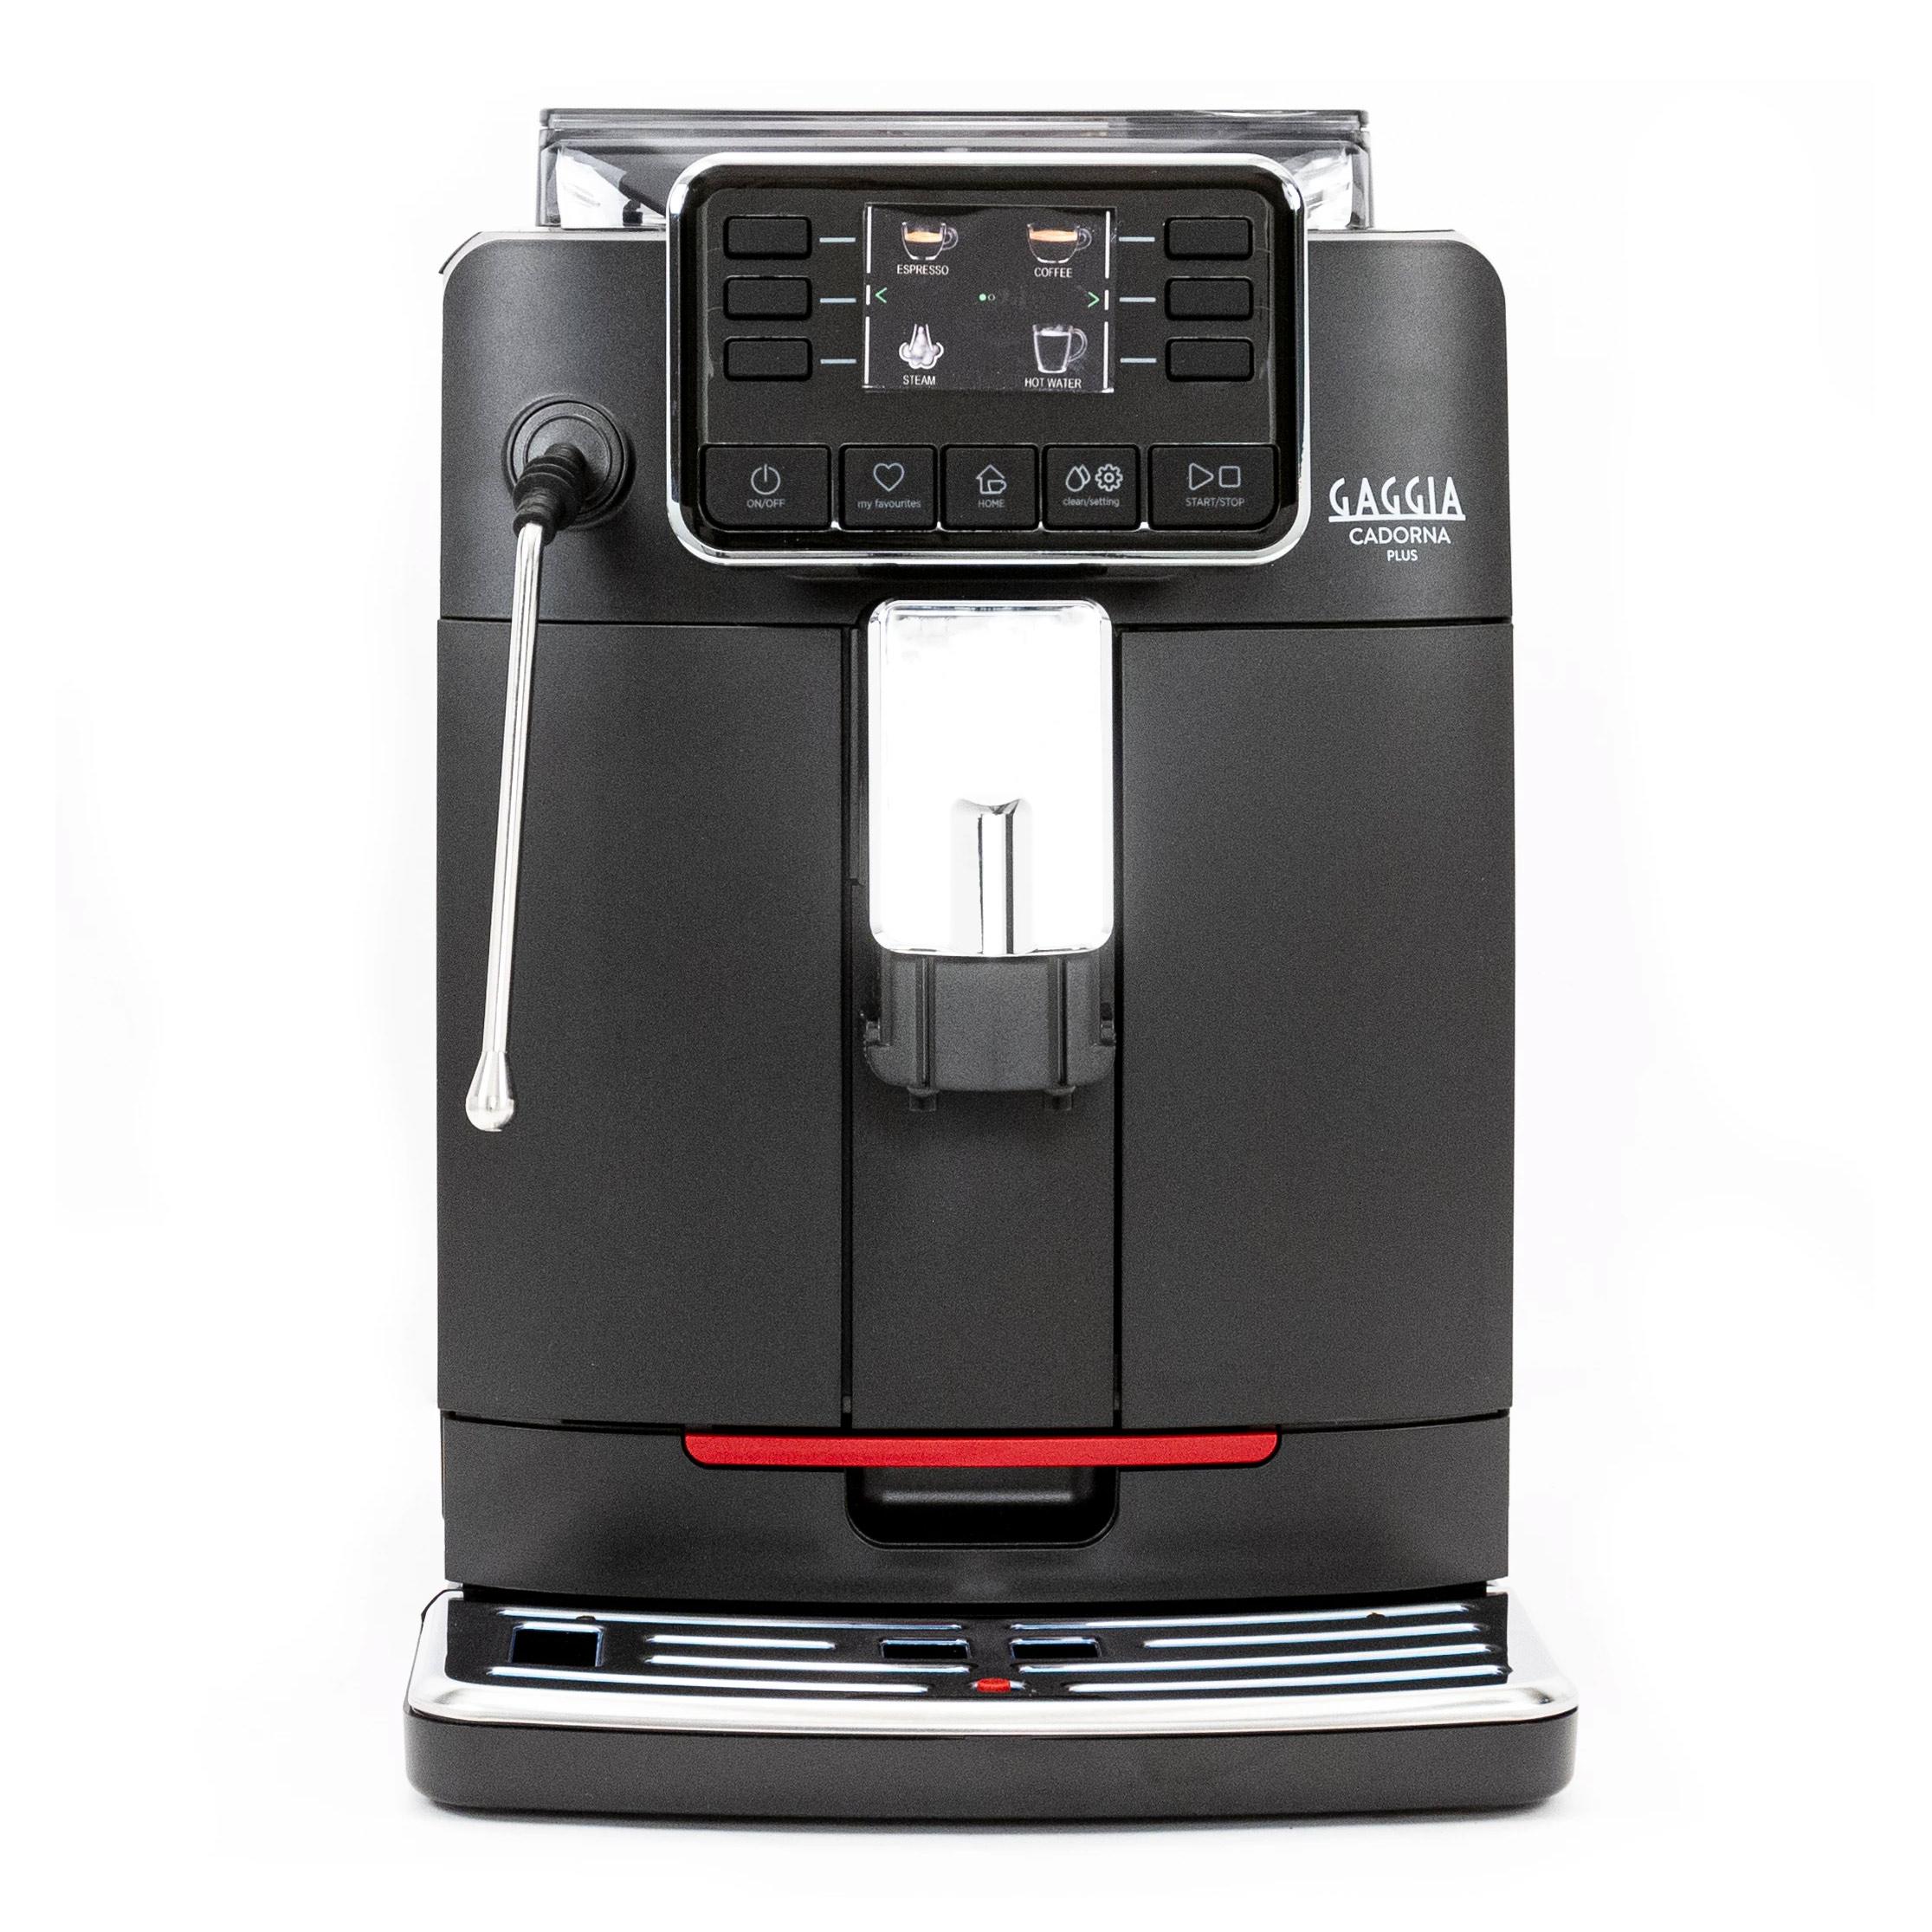 Gaggia Cadorna Barista Plus Black Super Automatic Espresso Machine - RI9601/47